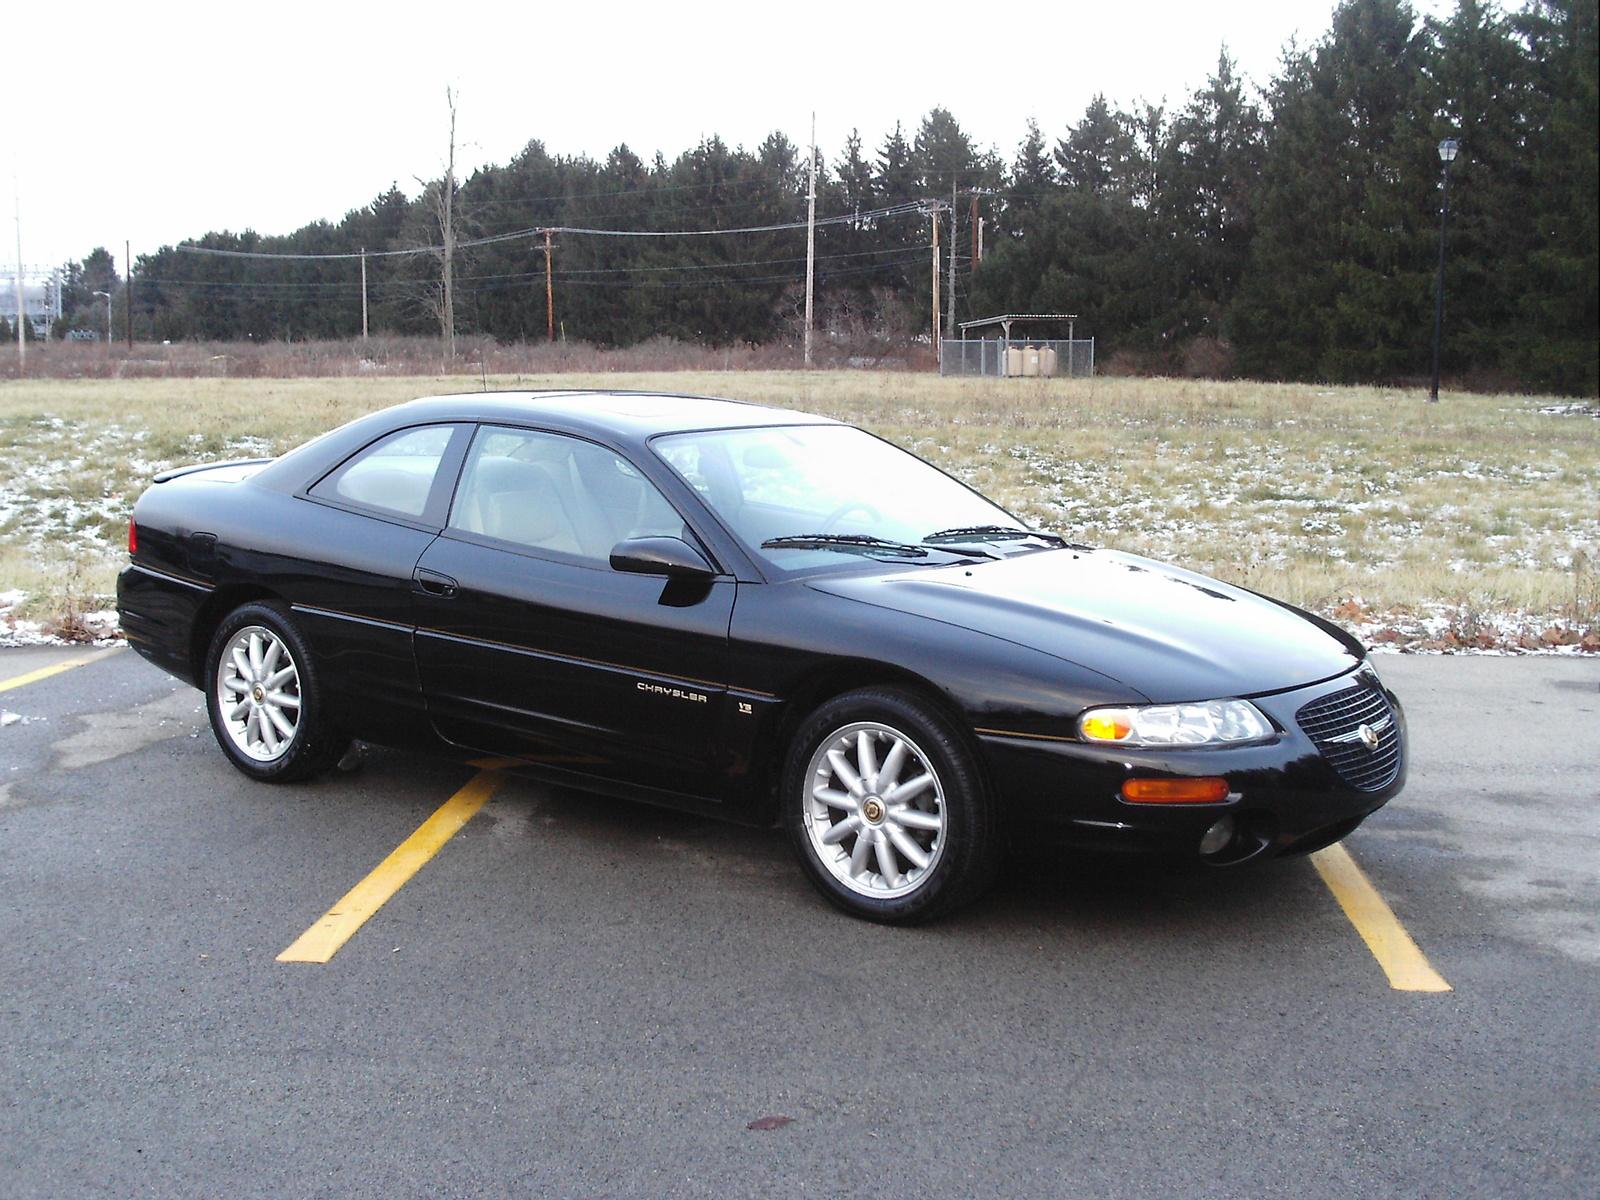 chrysler sebring i 1995 2000 coupe outstanding cars rh carsot com 2001 Sebring Coupe 2001 Chrysler Sebring LXI Coupe